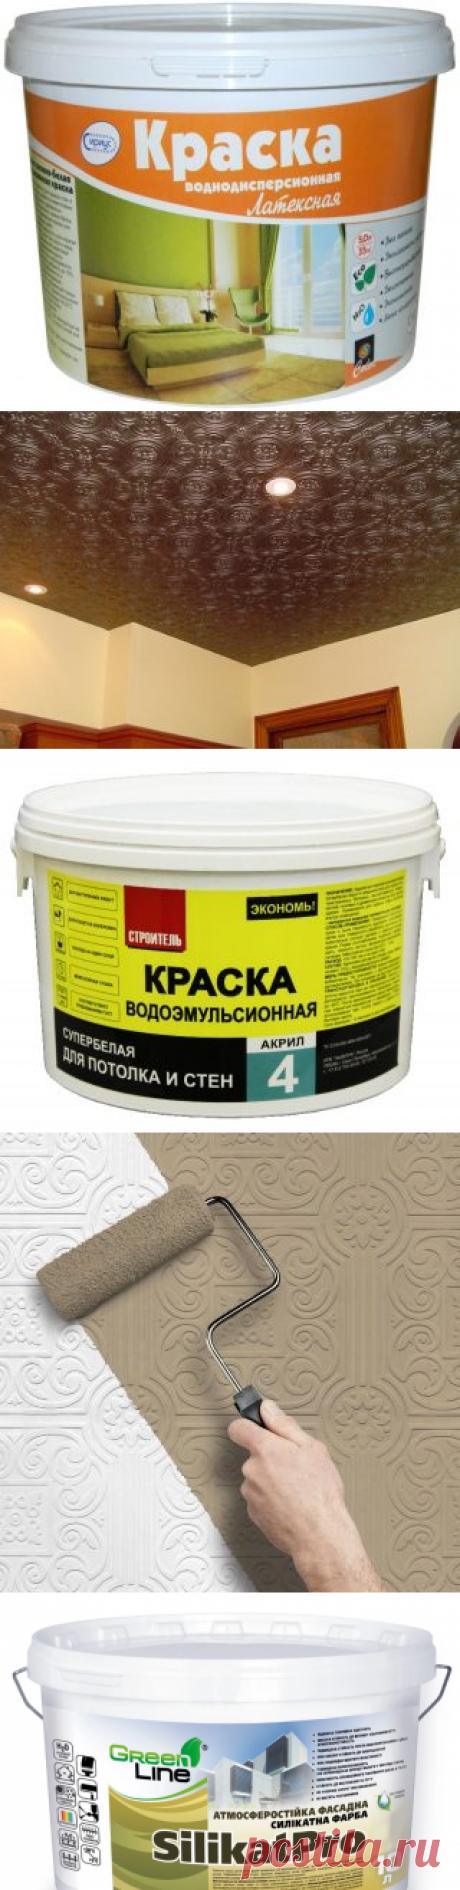 Можно ли красить потолочную плитку из пенопласта и чем: правила выбора